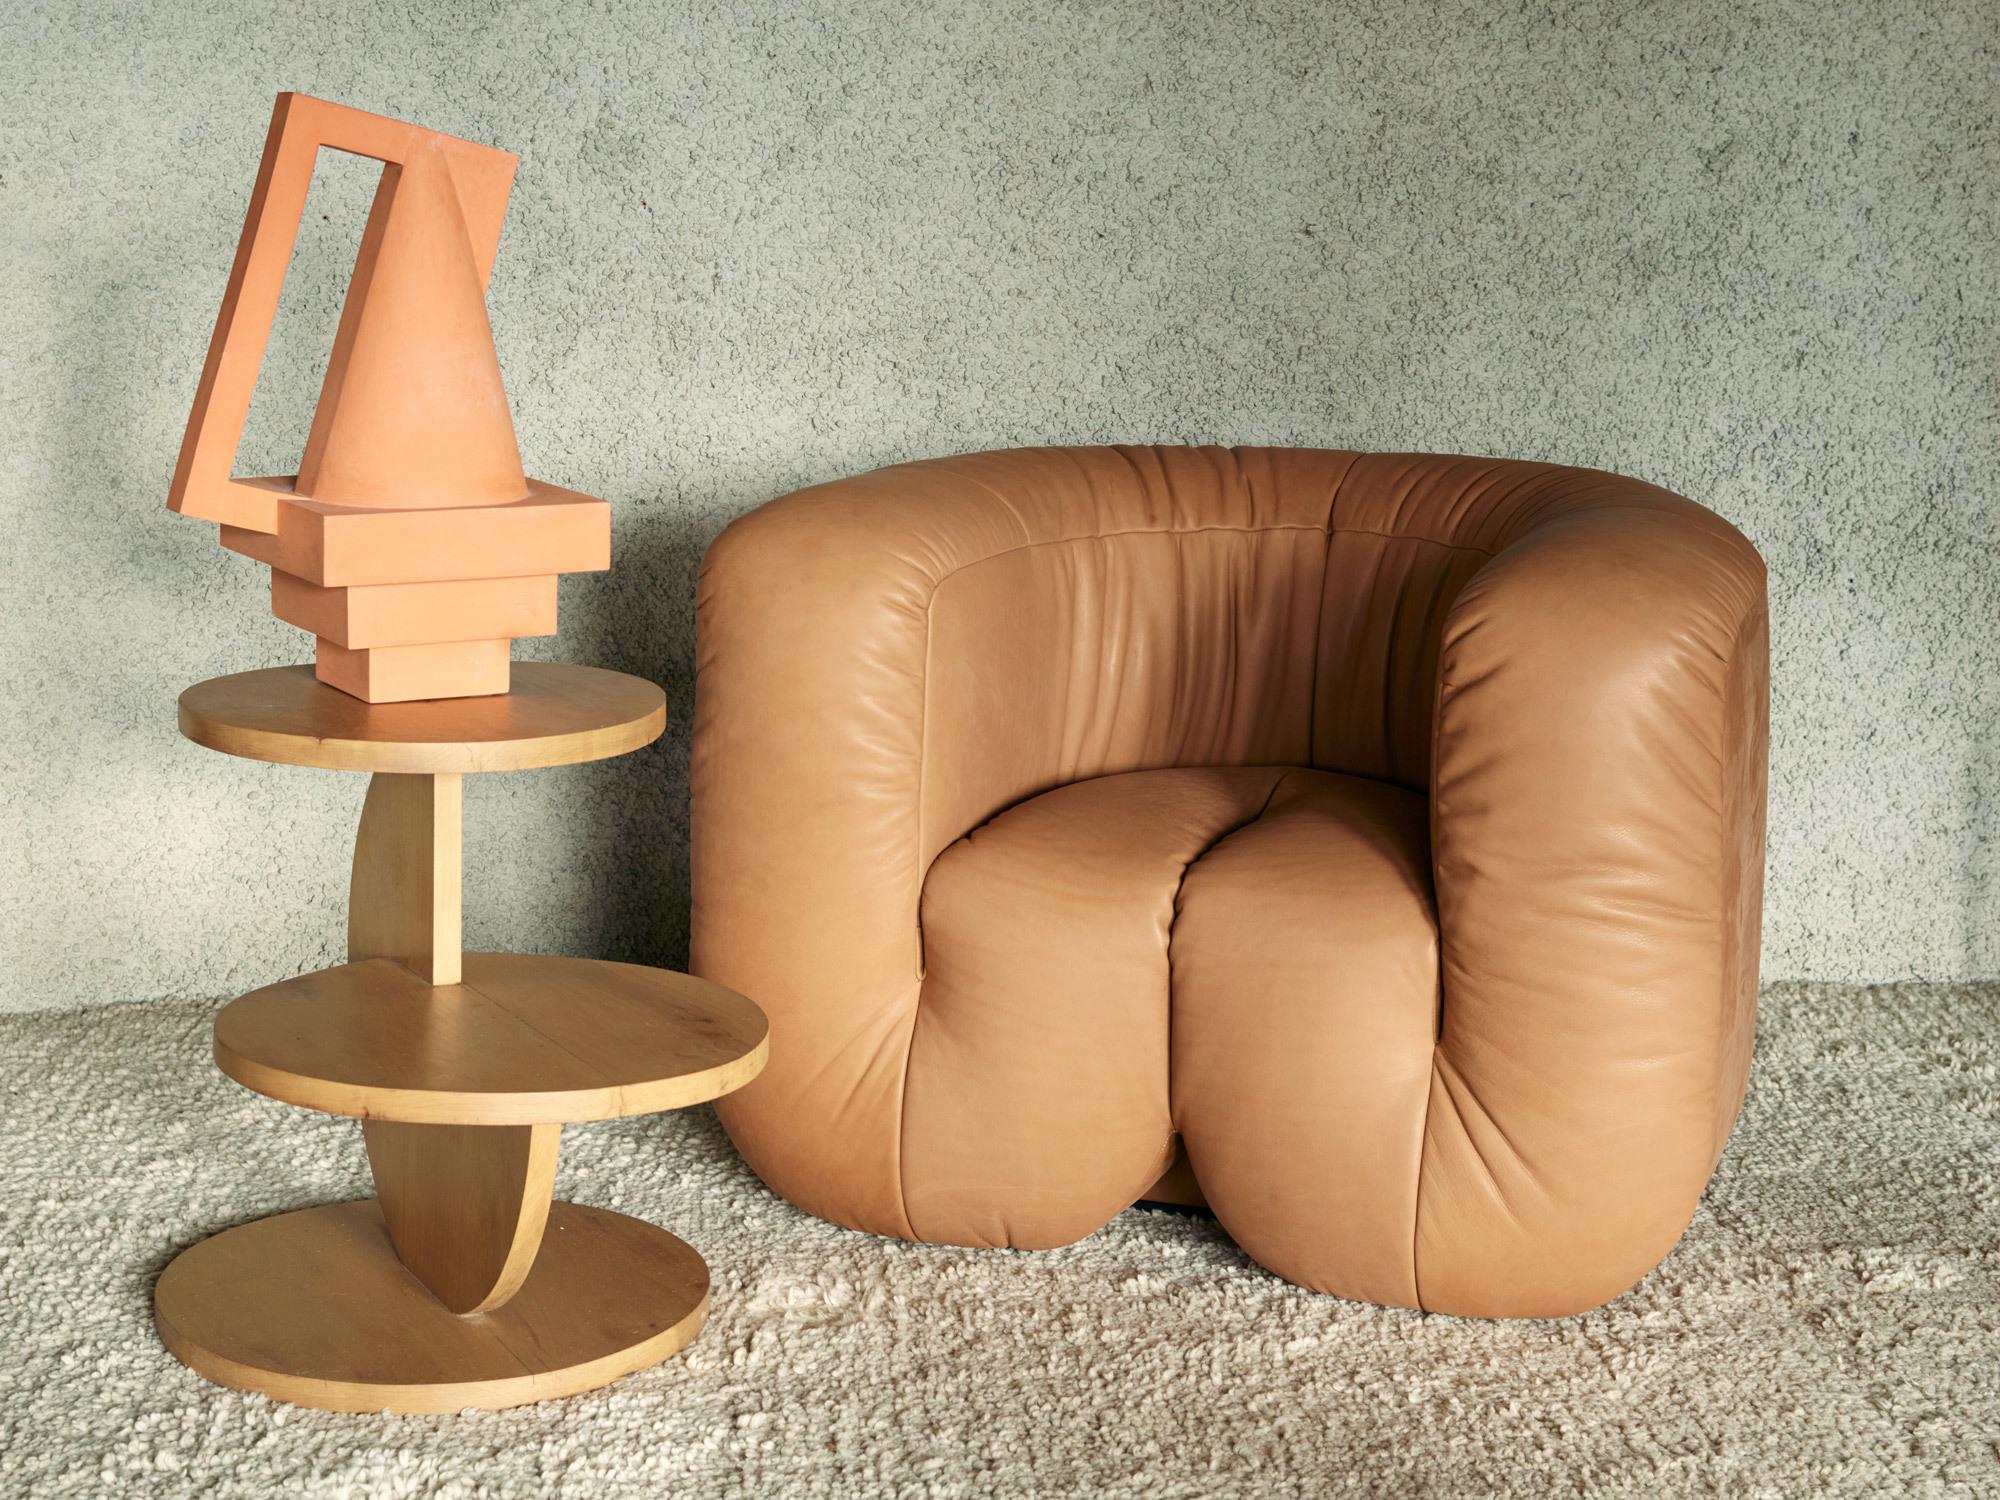 Schwere, wulstige Formen: Sofa- und Sesselkollektion DS-707 von Philippe Malouin für de Sede. Foto: de Sede